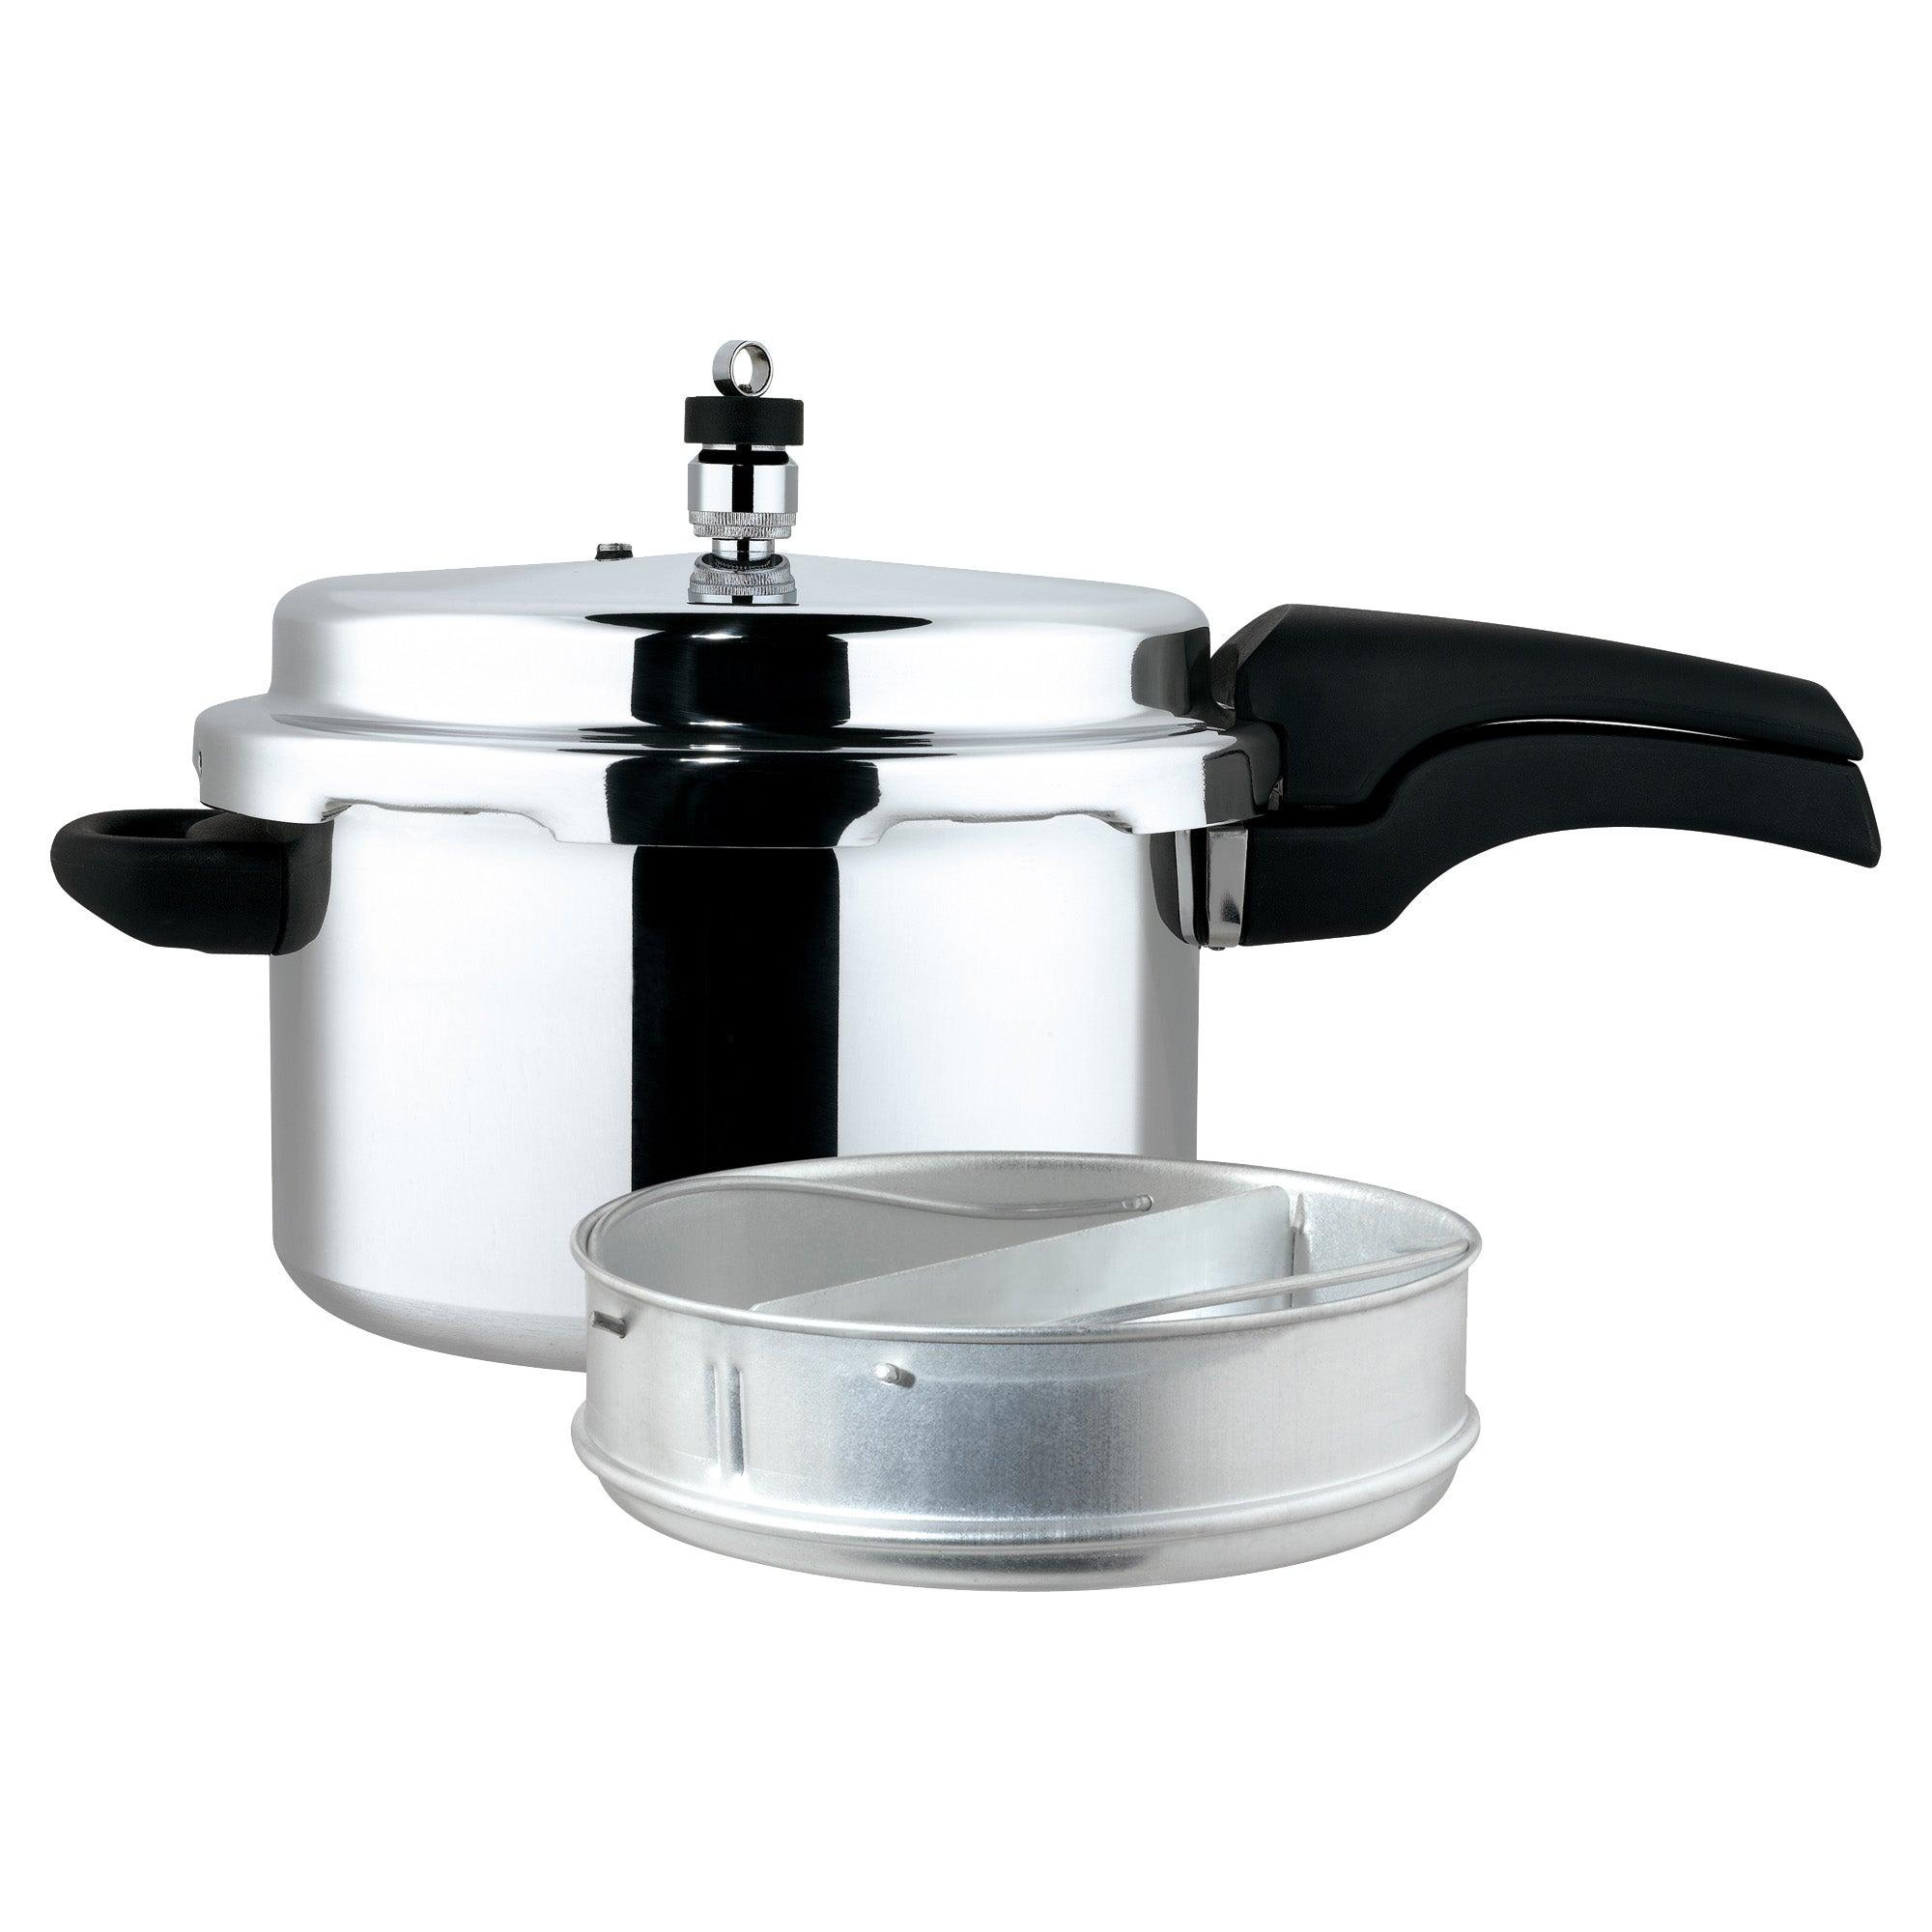 Prestige 4 Litre High Dome Pressure Cooker Silver